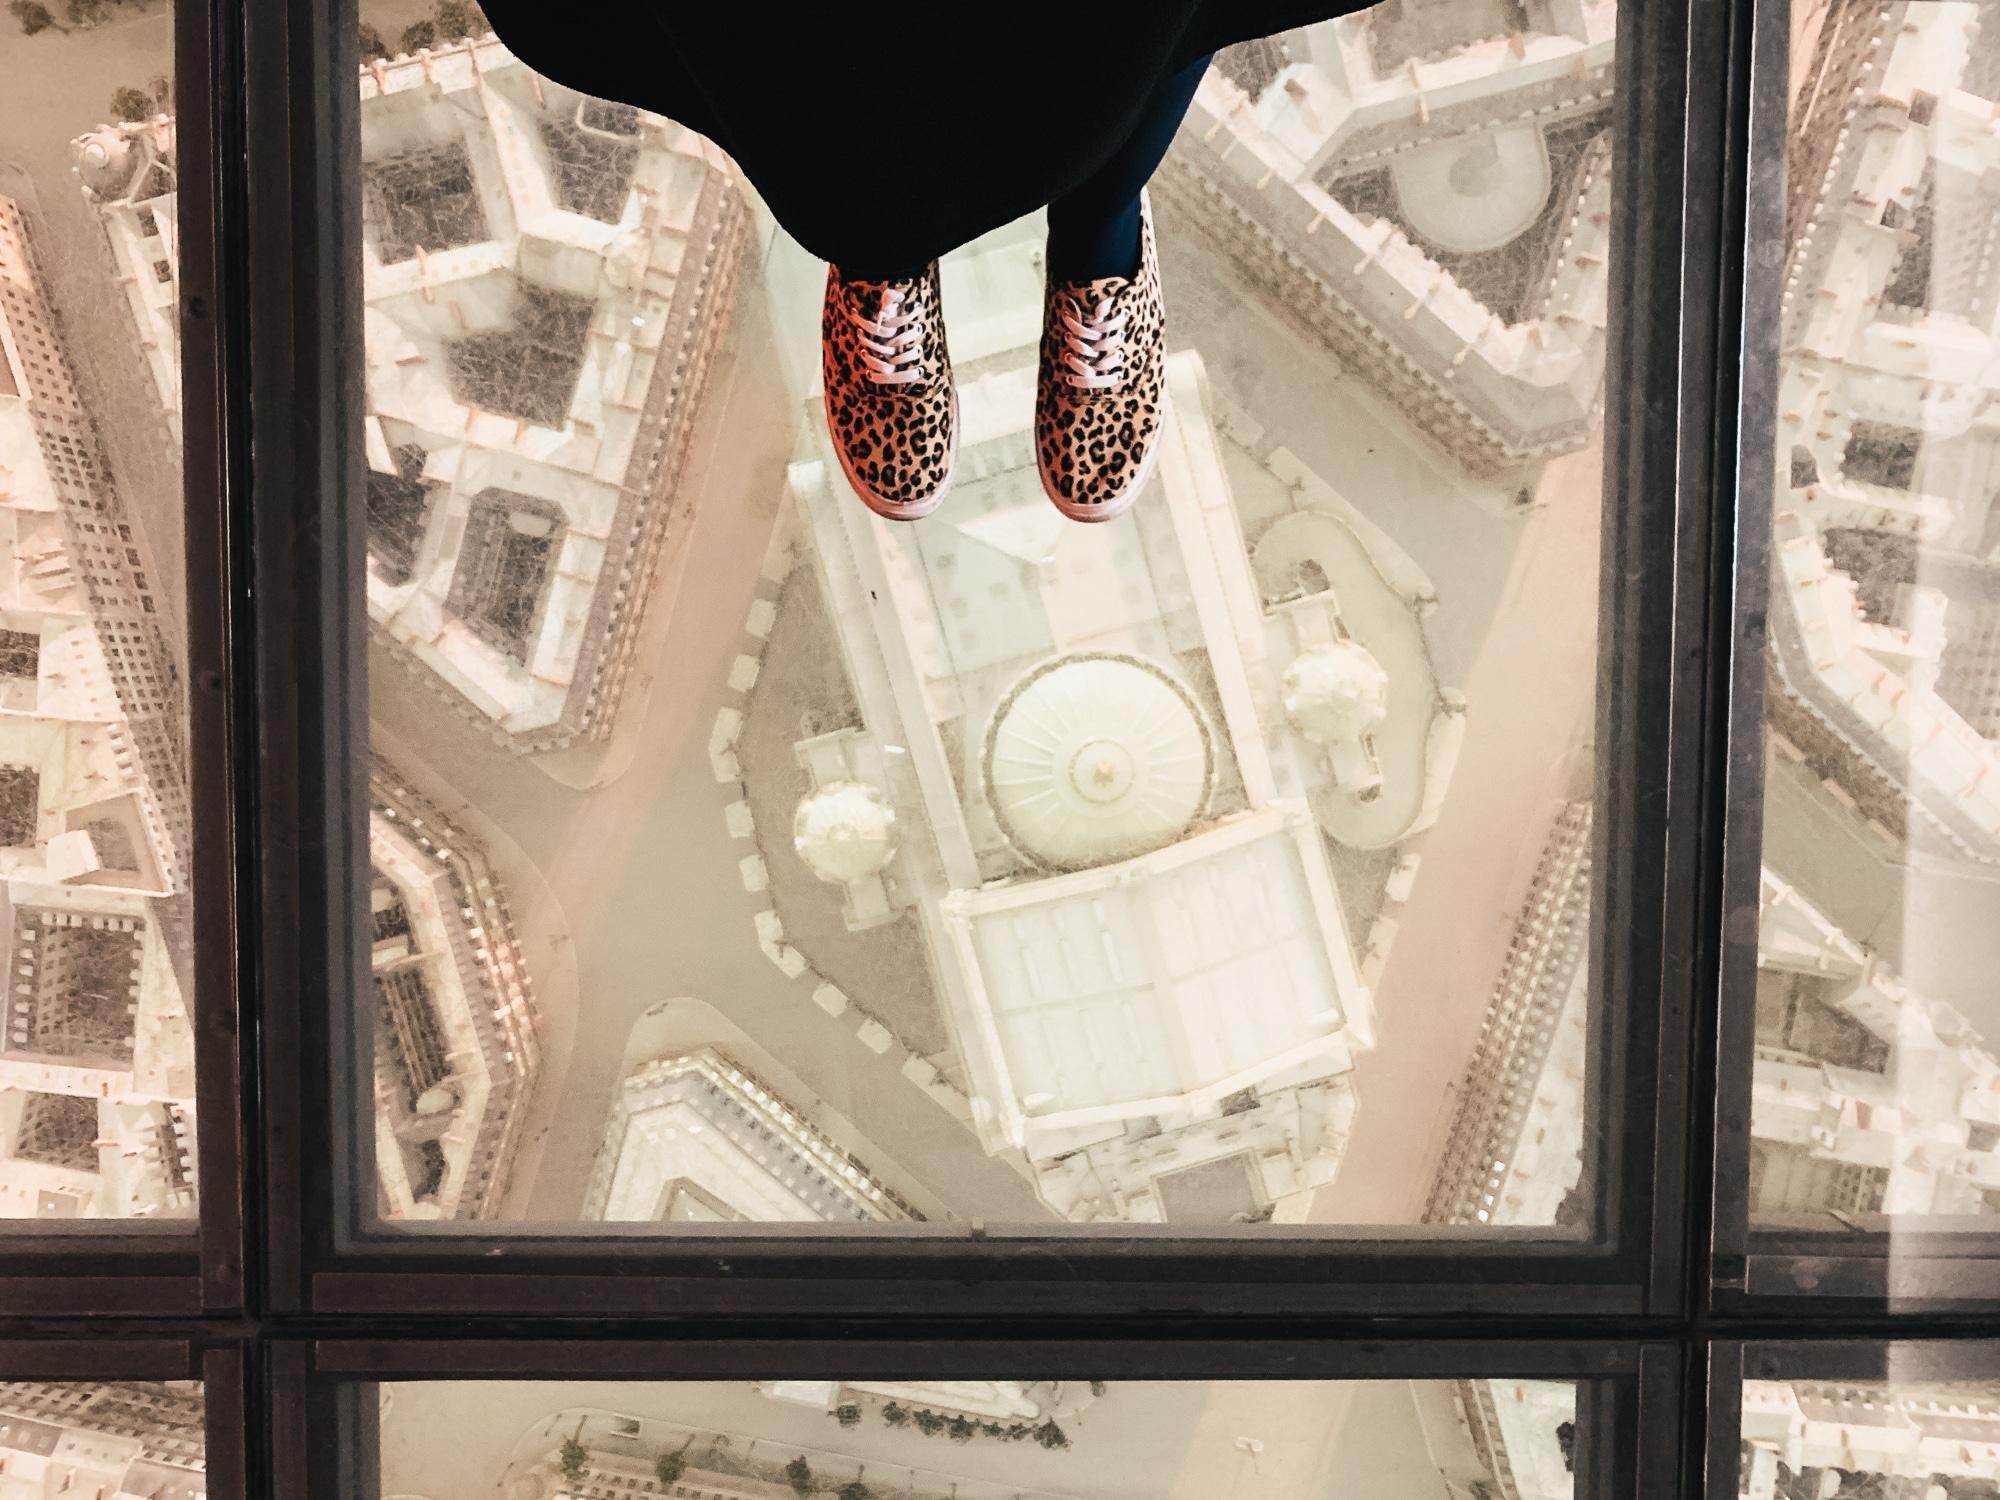 Schönste Fotospots in Paris - und meine liebsten Instagram Hotspots - Orsay Museum Glasboden